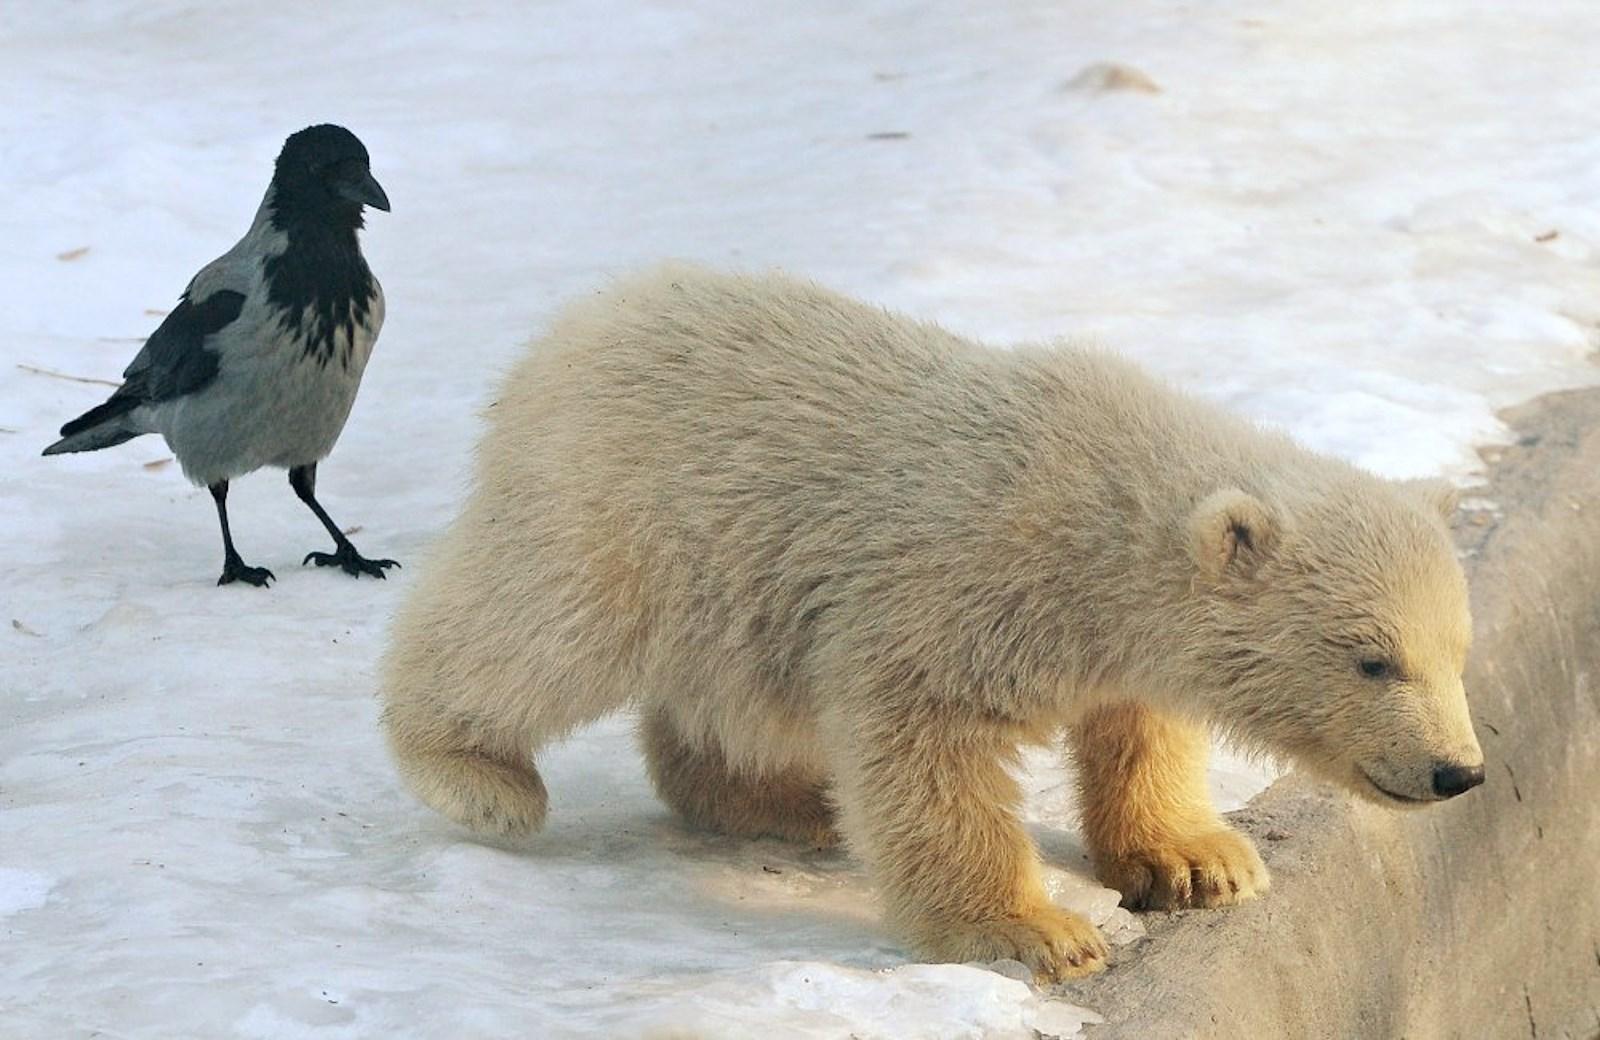 00 Polar bear cubs. Moscow Zoopark 06. Russia. 26.02.15